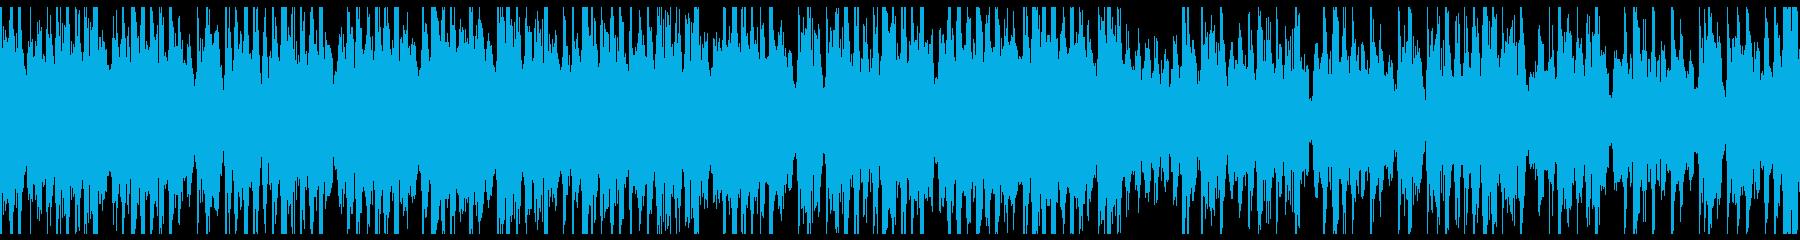 ファンキーでアップビートなドラムン...の再生済みの波形